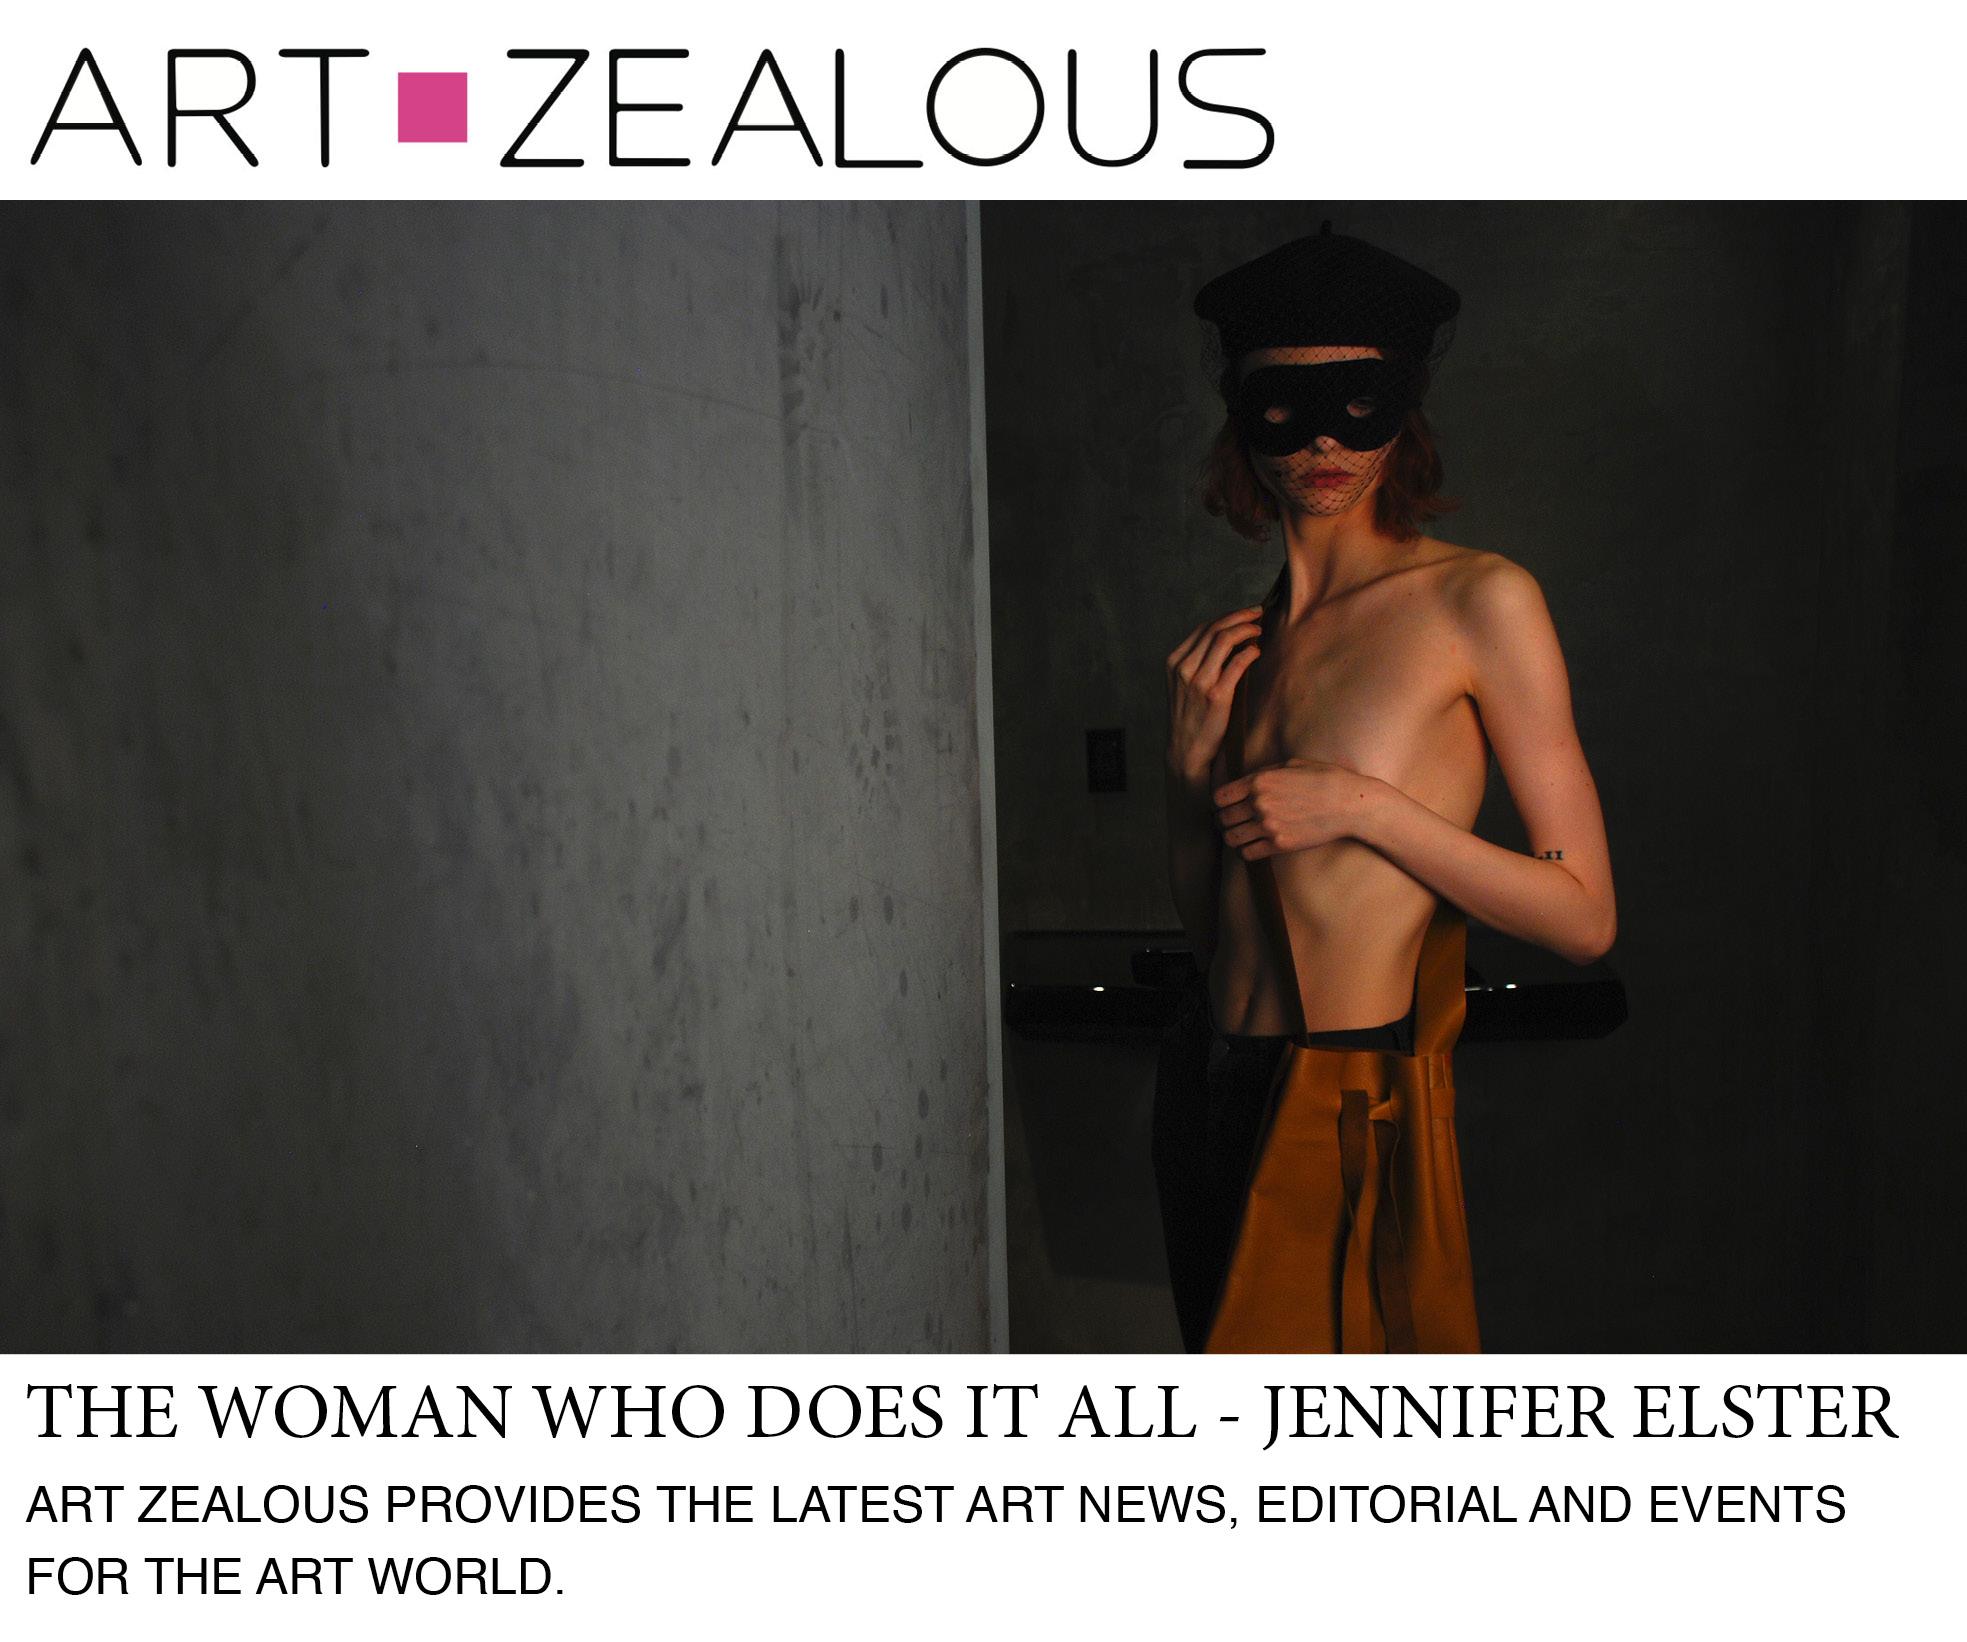 Art-Zealous-Jennifer-Elster